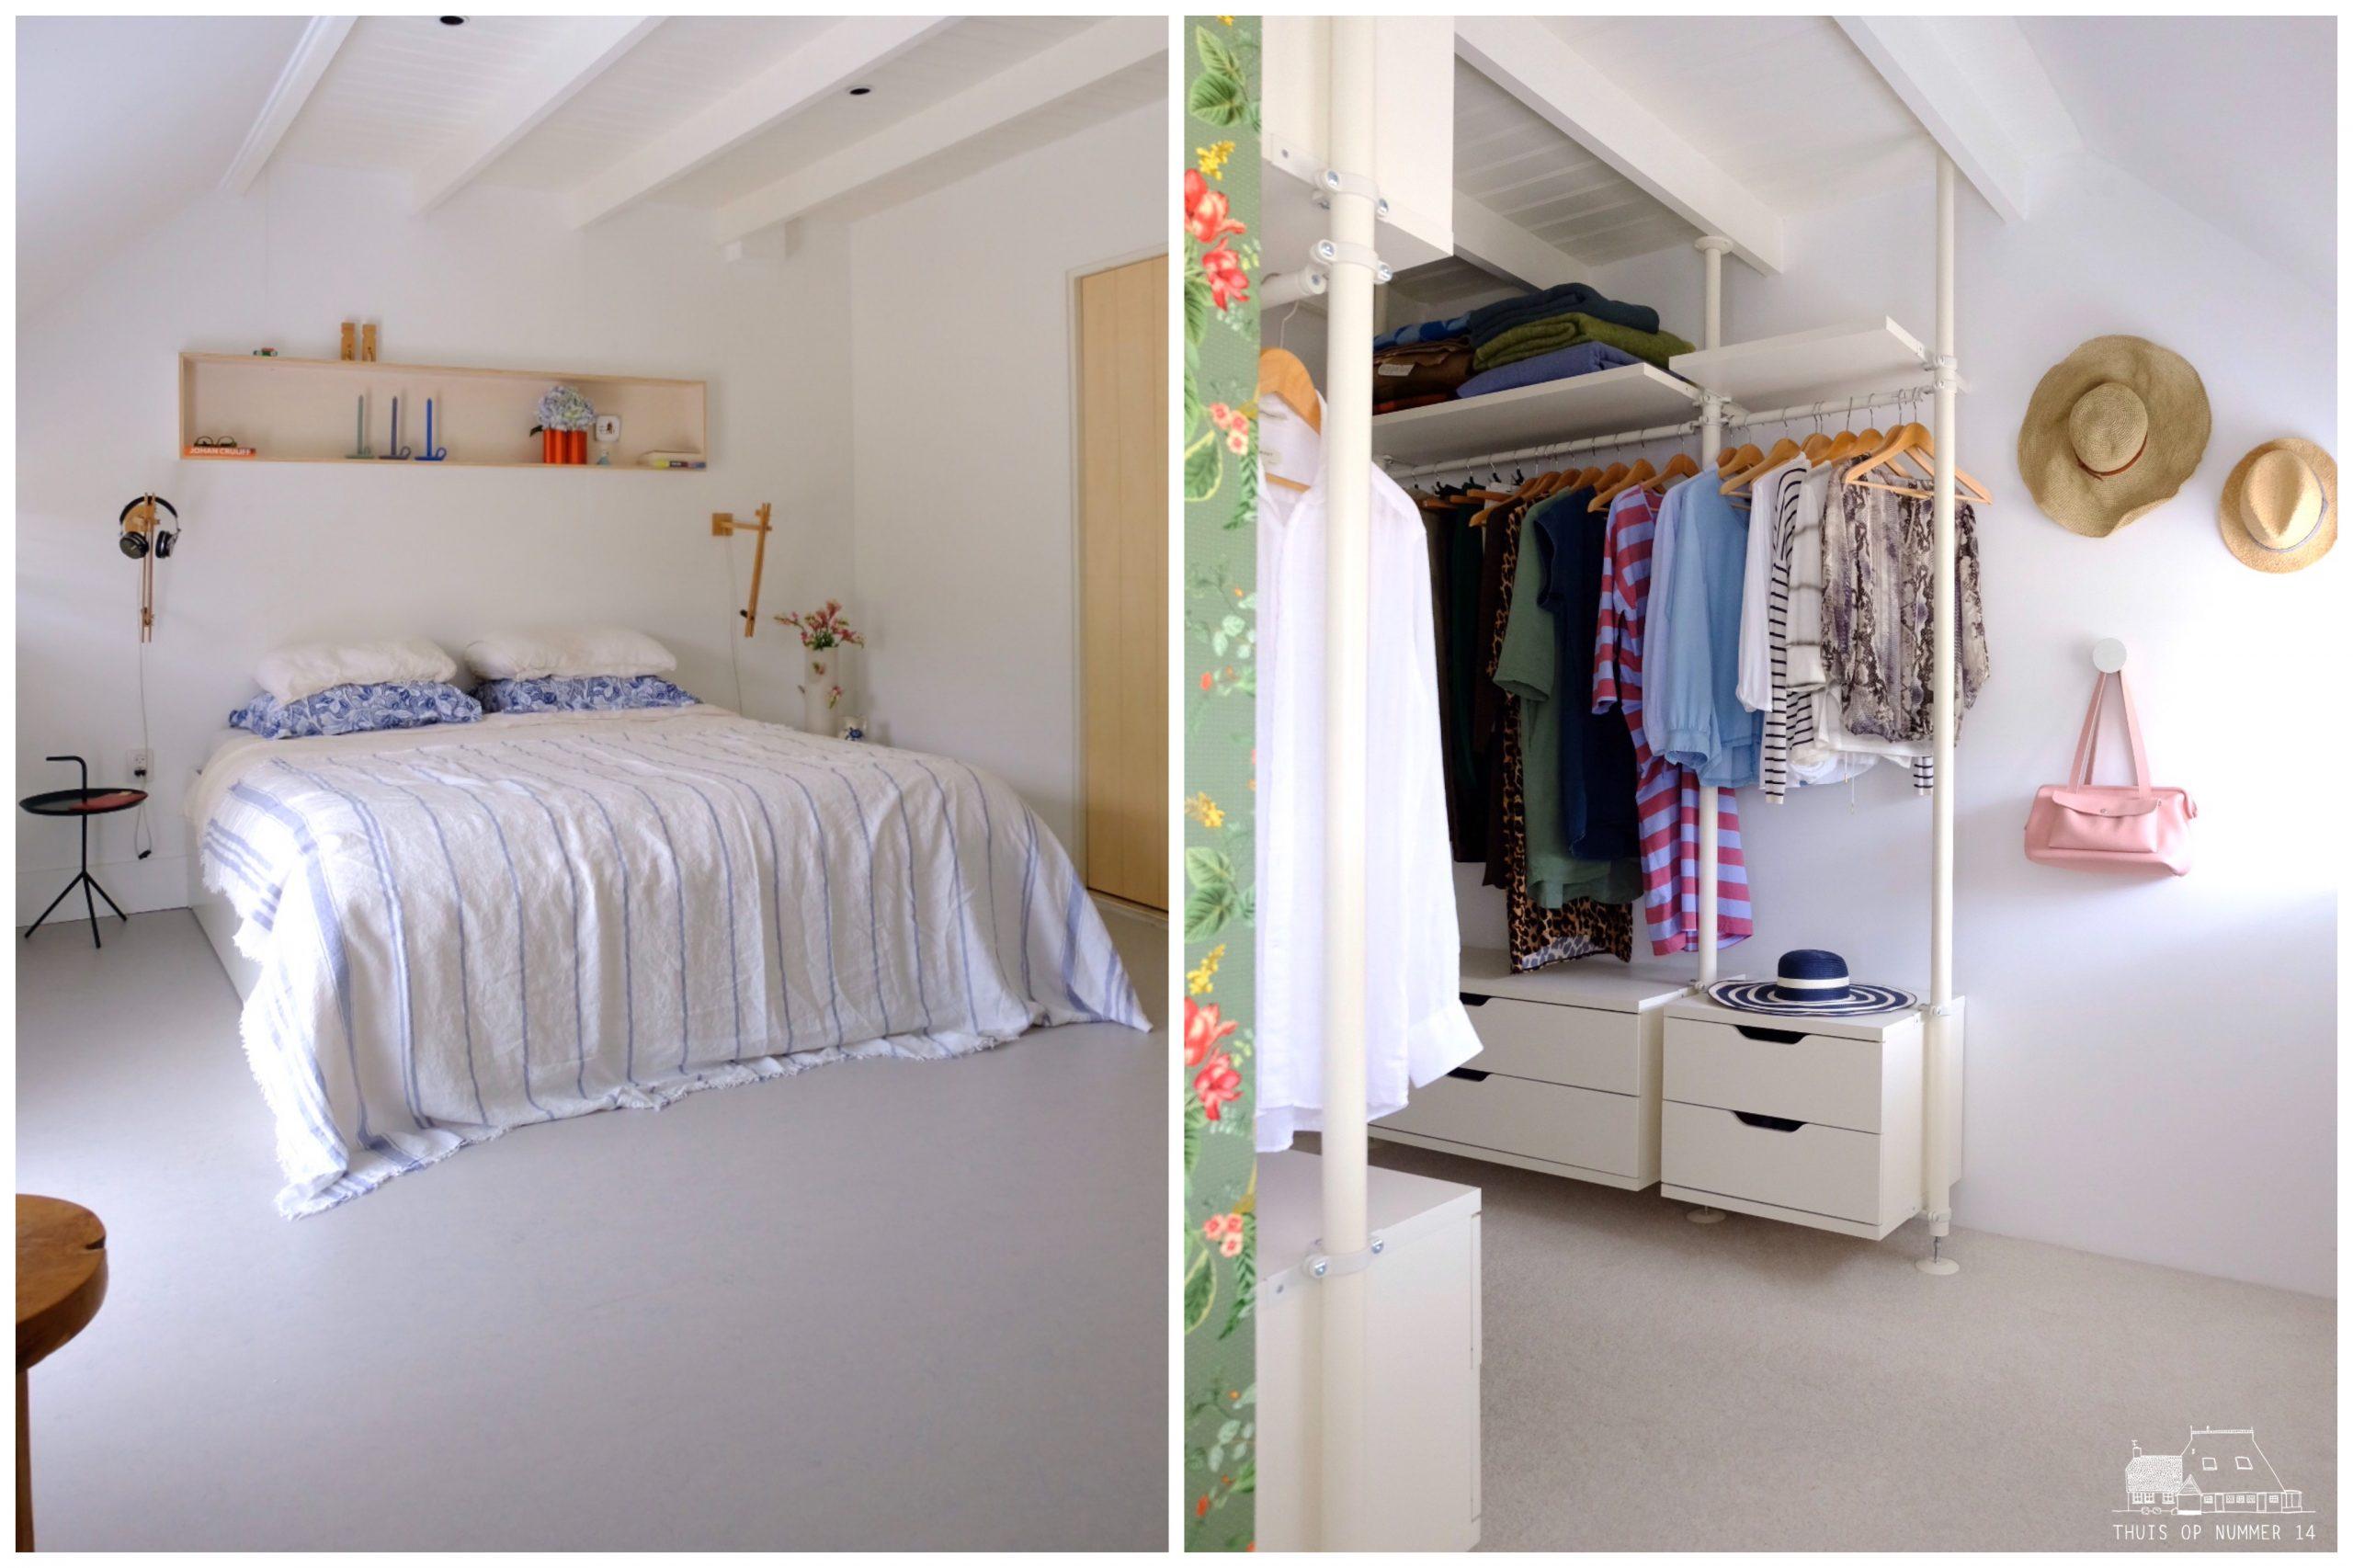 thuis op nummer 14 -Onze slaapkamer mét fijne inloopkast.